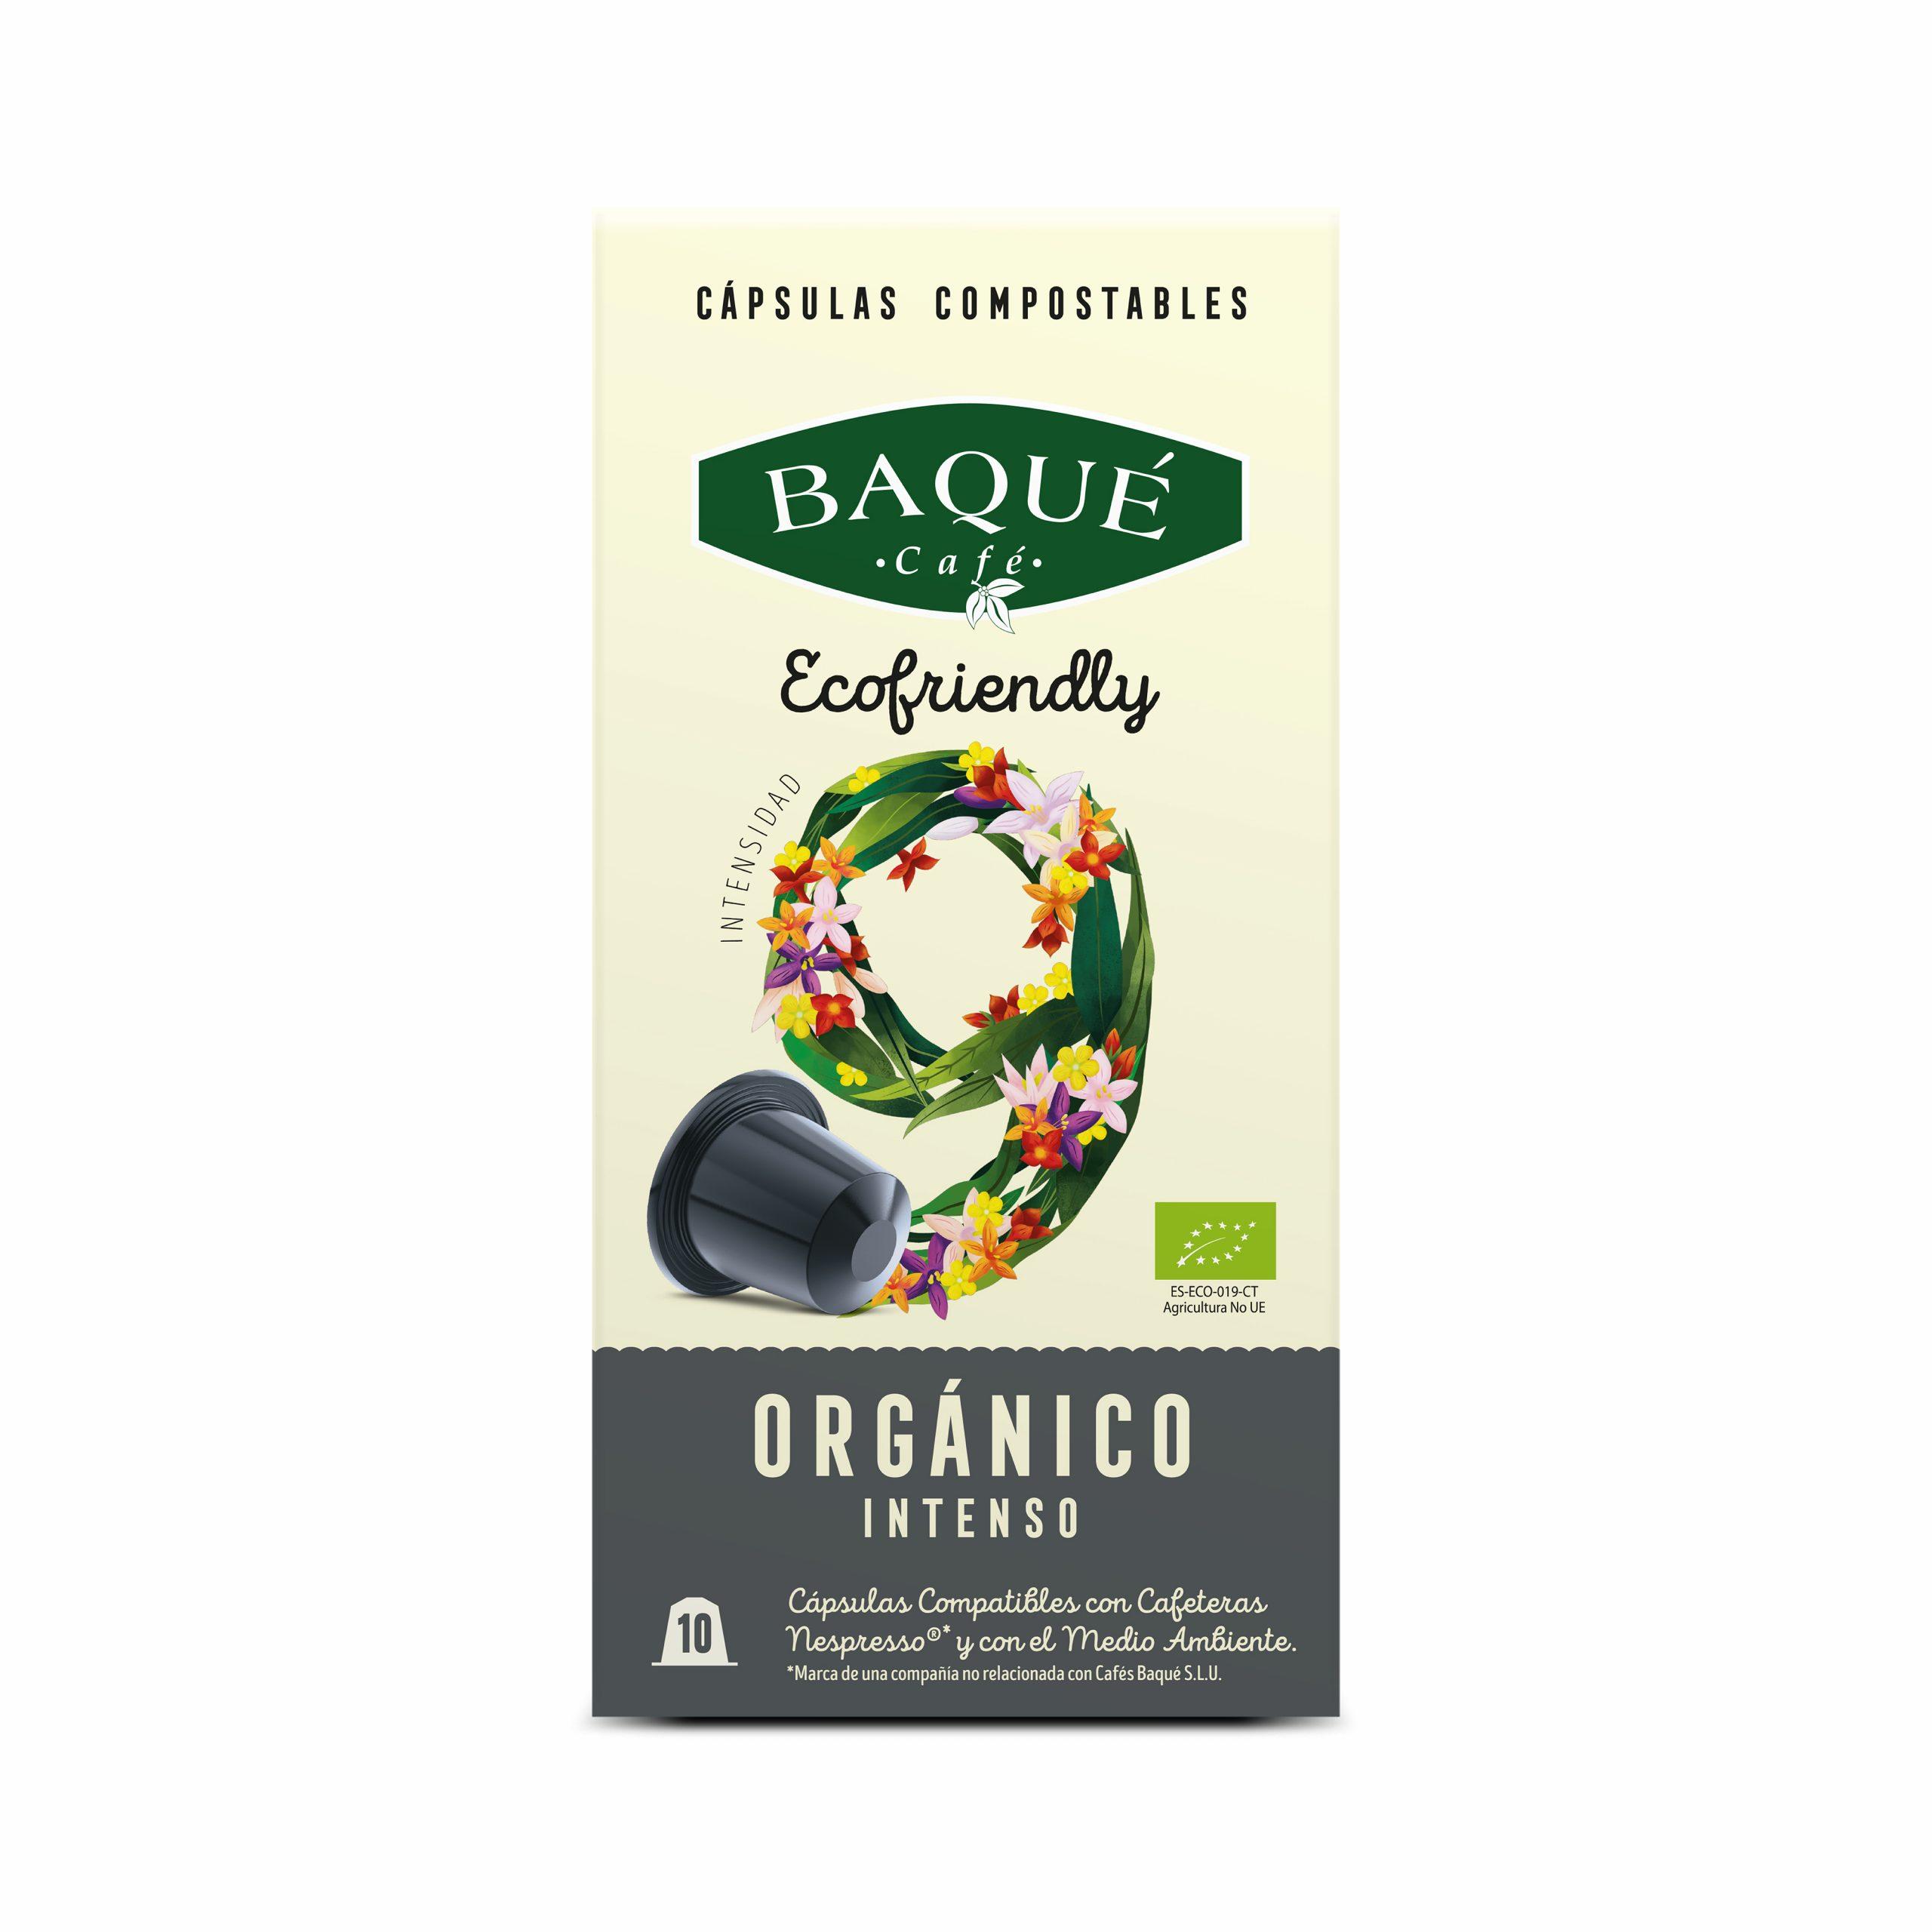 Organiko Bizia 10 kapsula konpostagarri Nespresso®-rekin bateragarriak